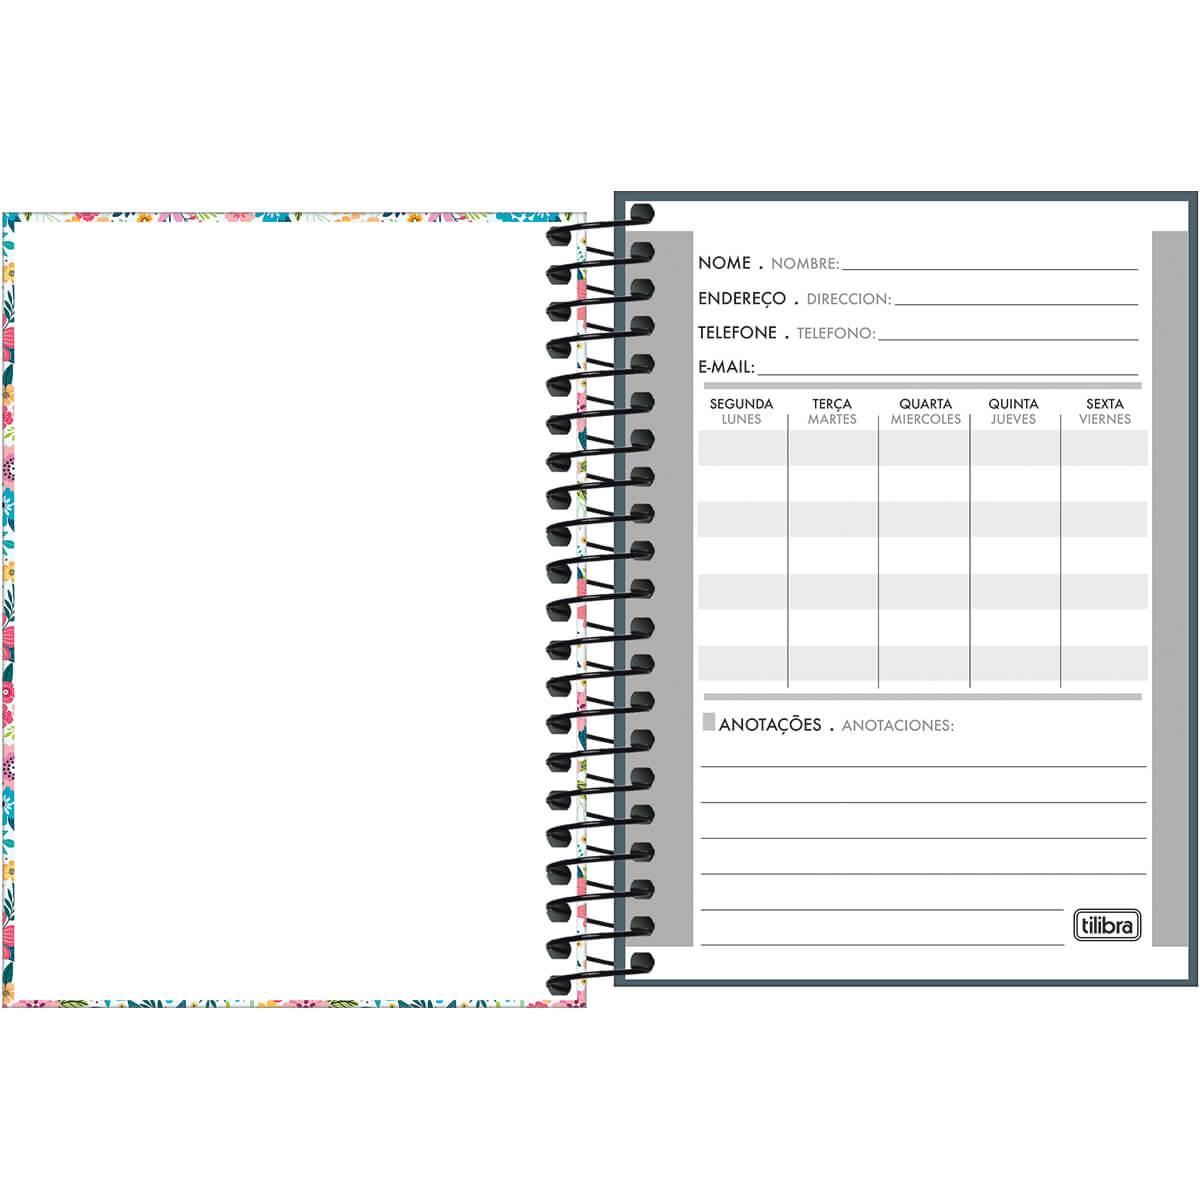 Caderno universitário 10 matérias 200 fls D+ MASCULINO Tilibra